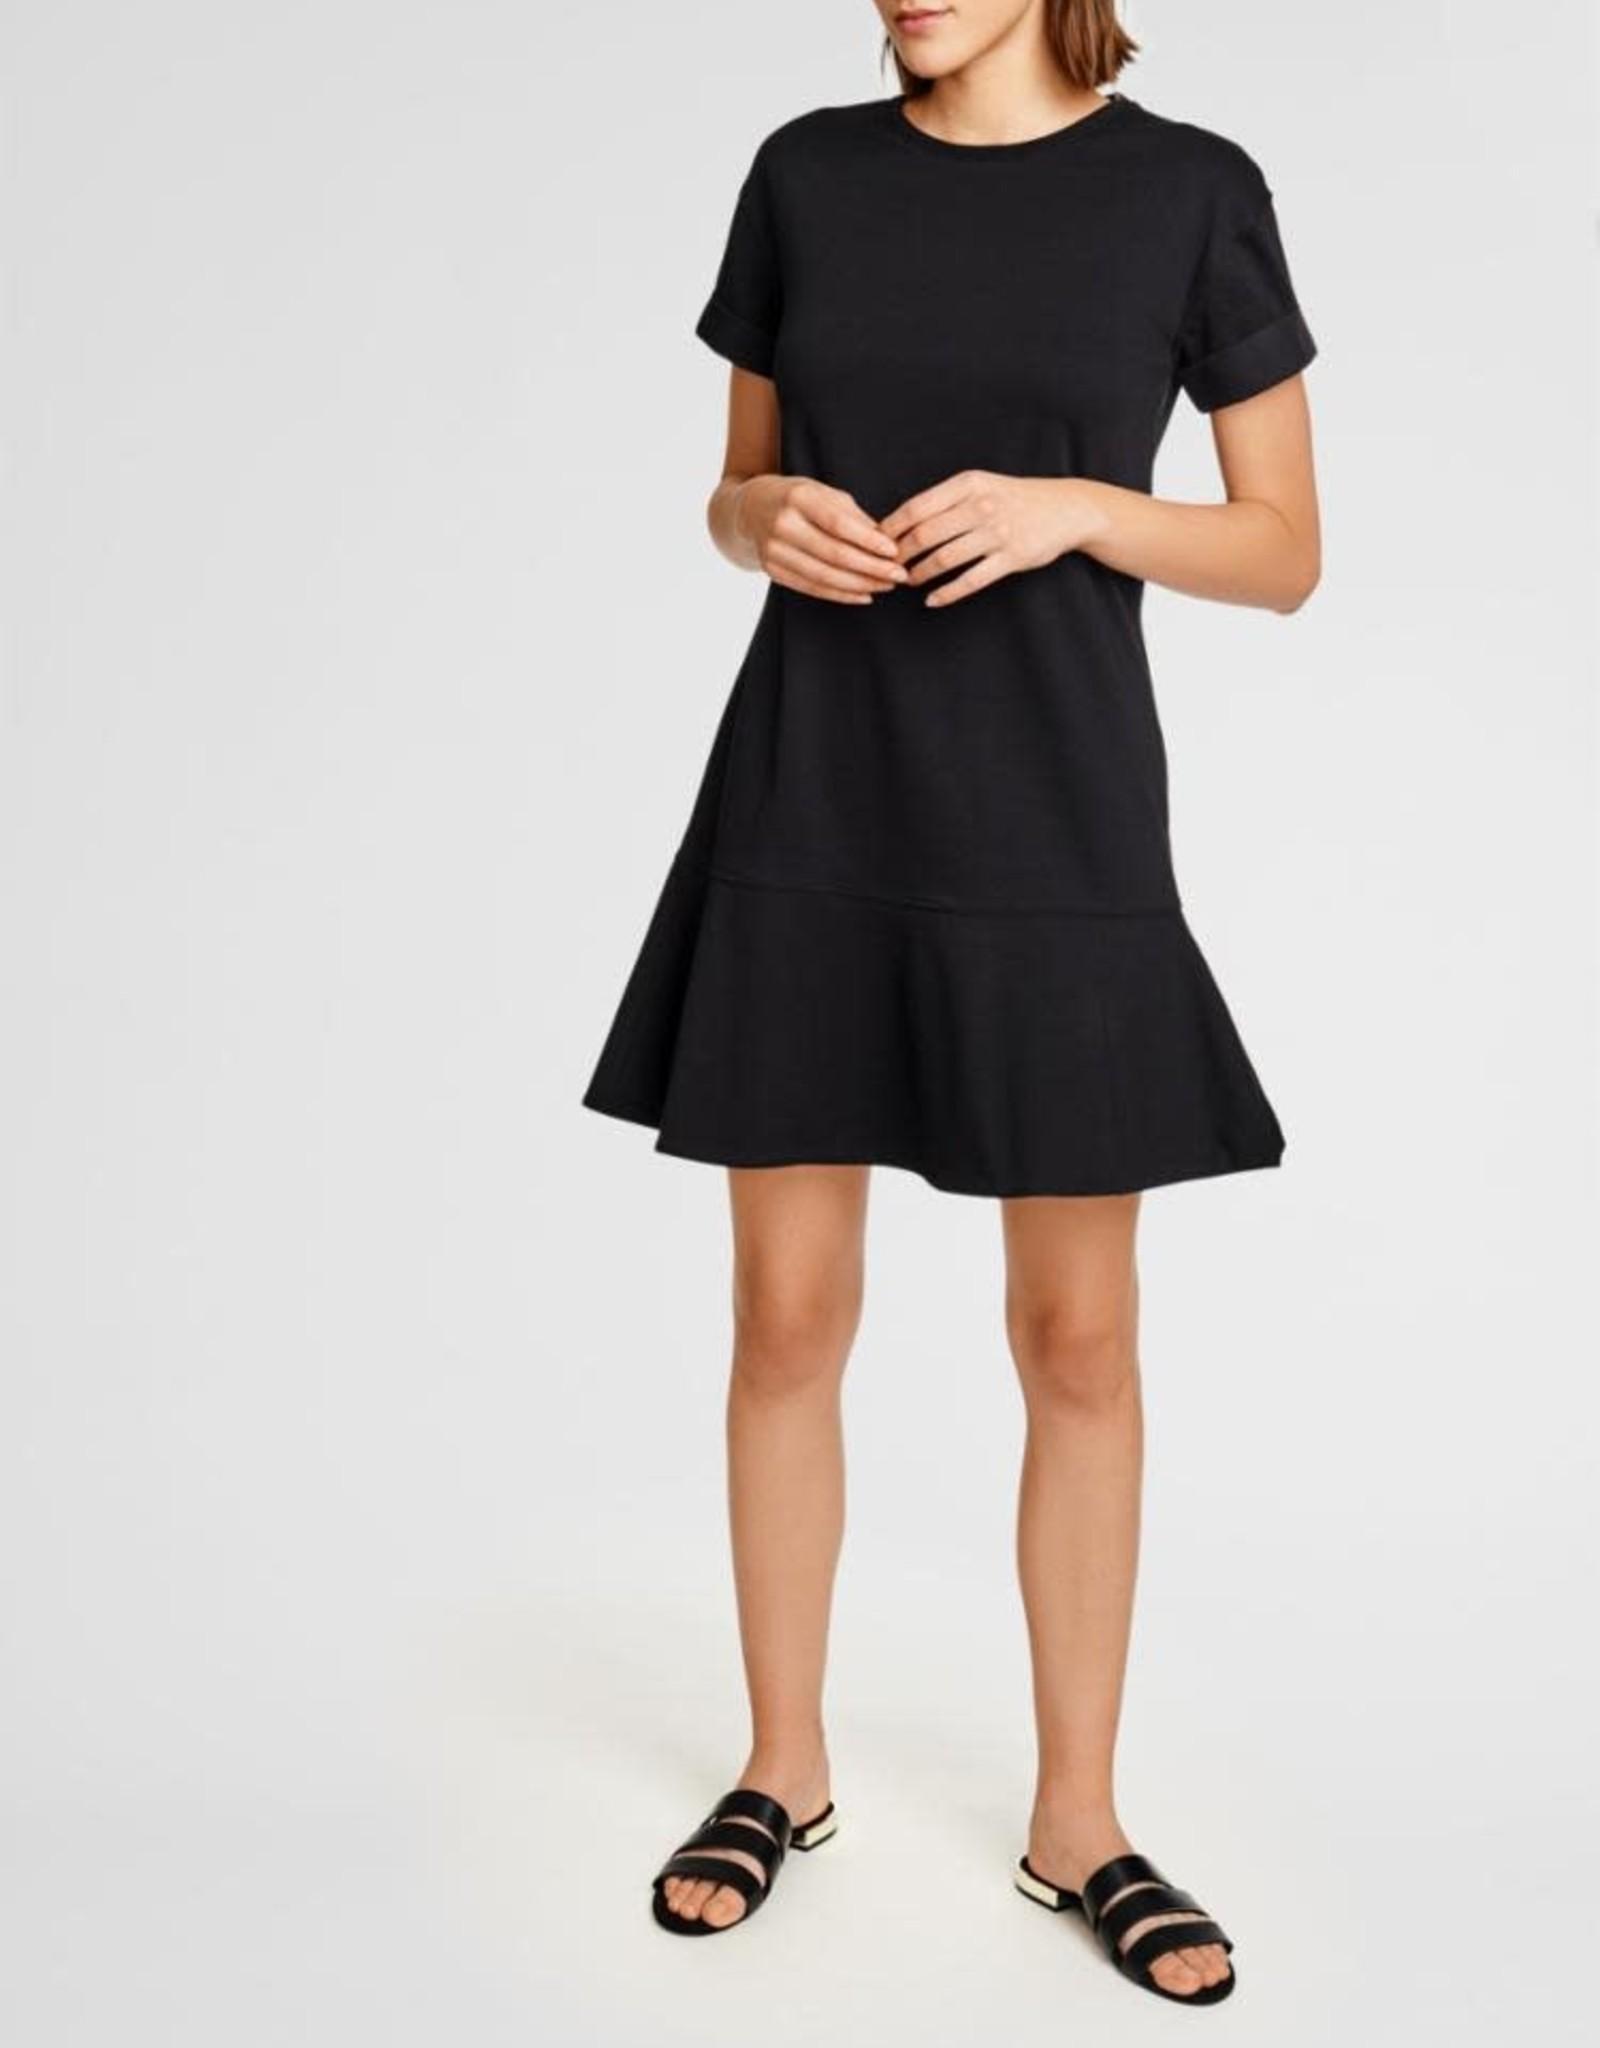 White + Warren K18664 Drop Waist Tee Dress